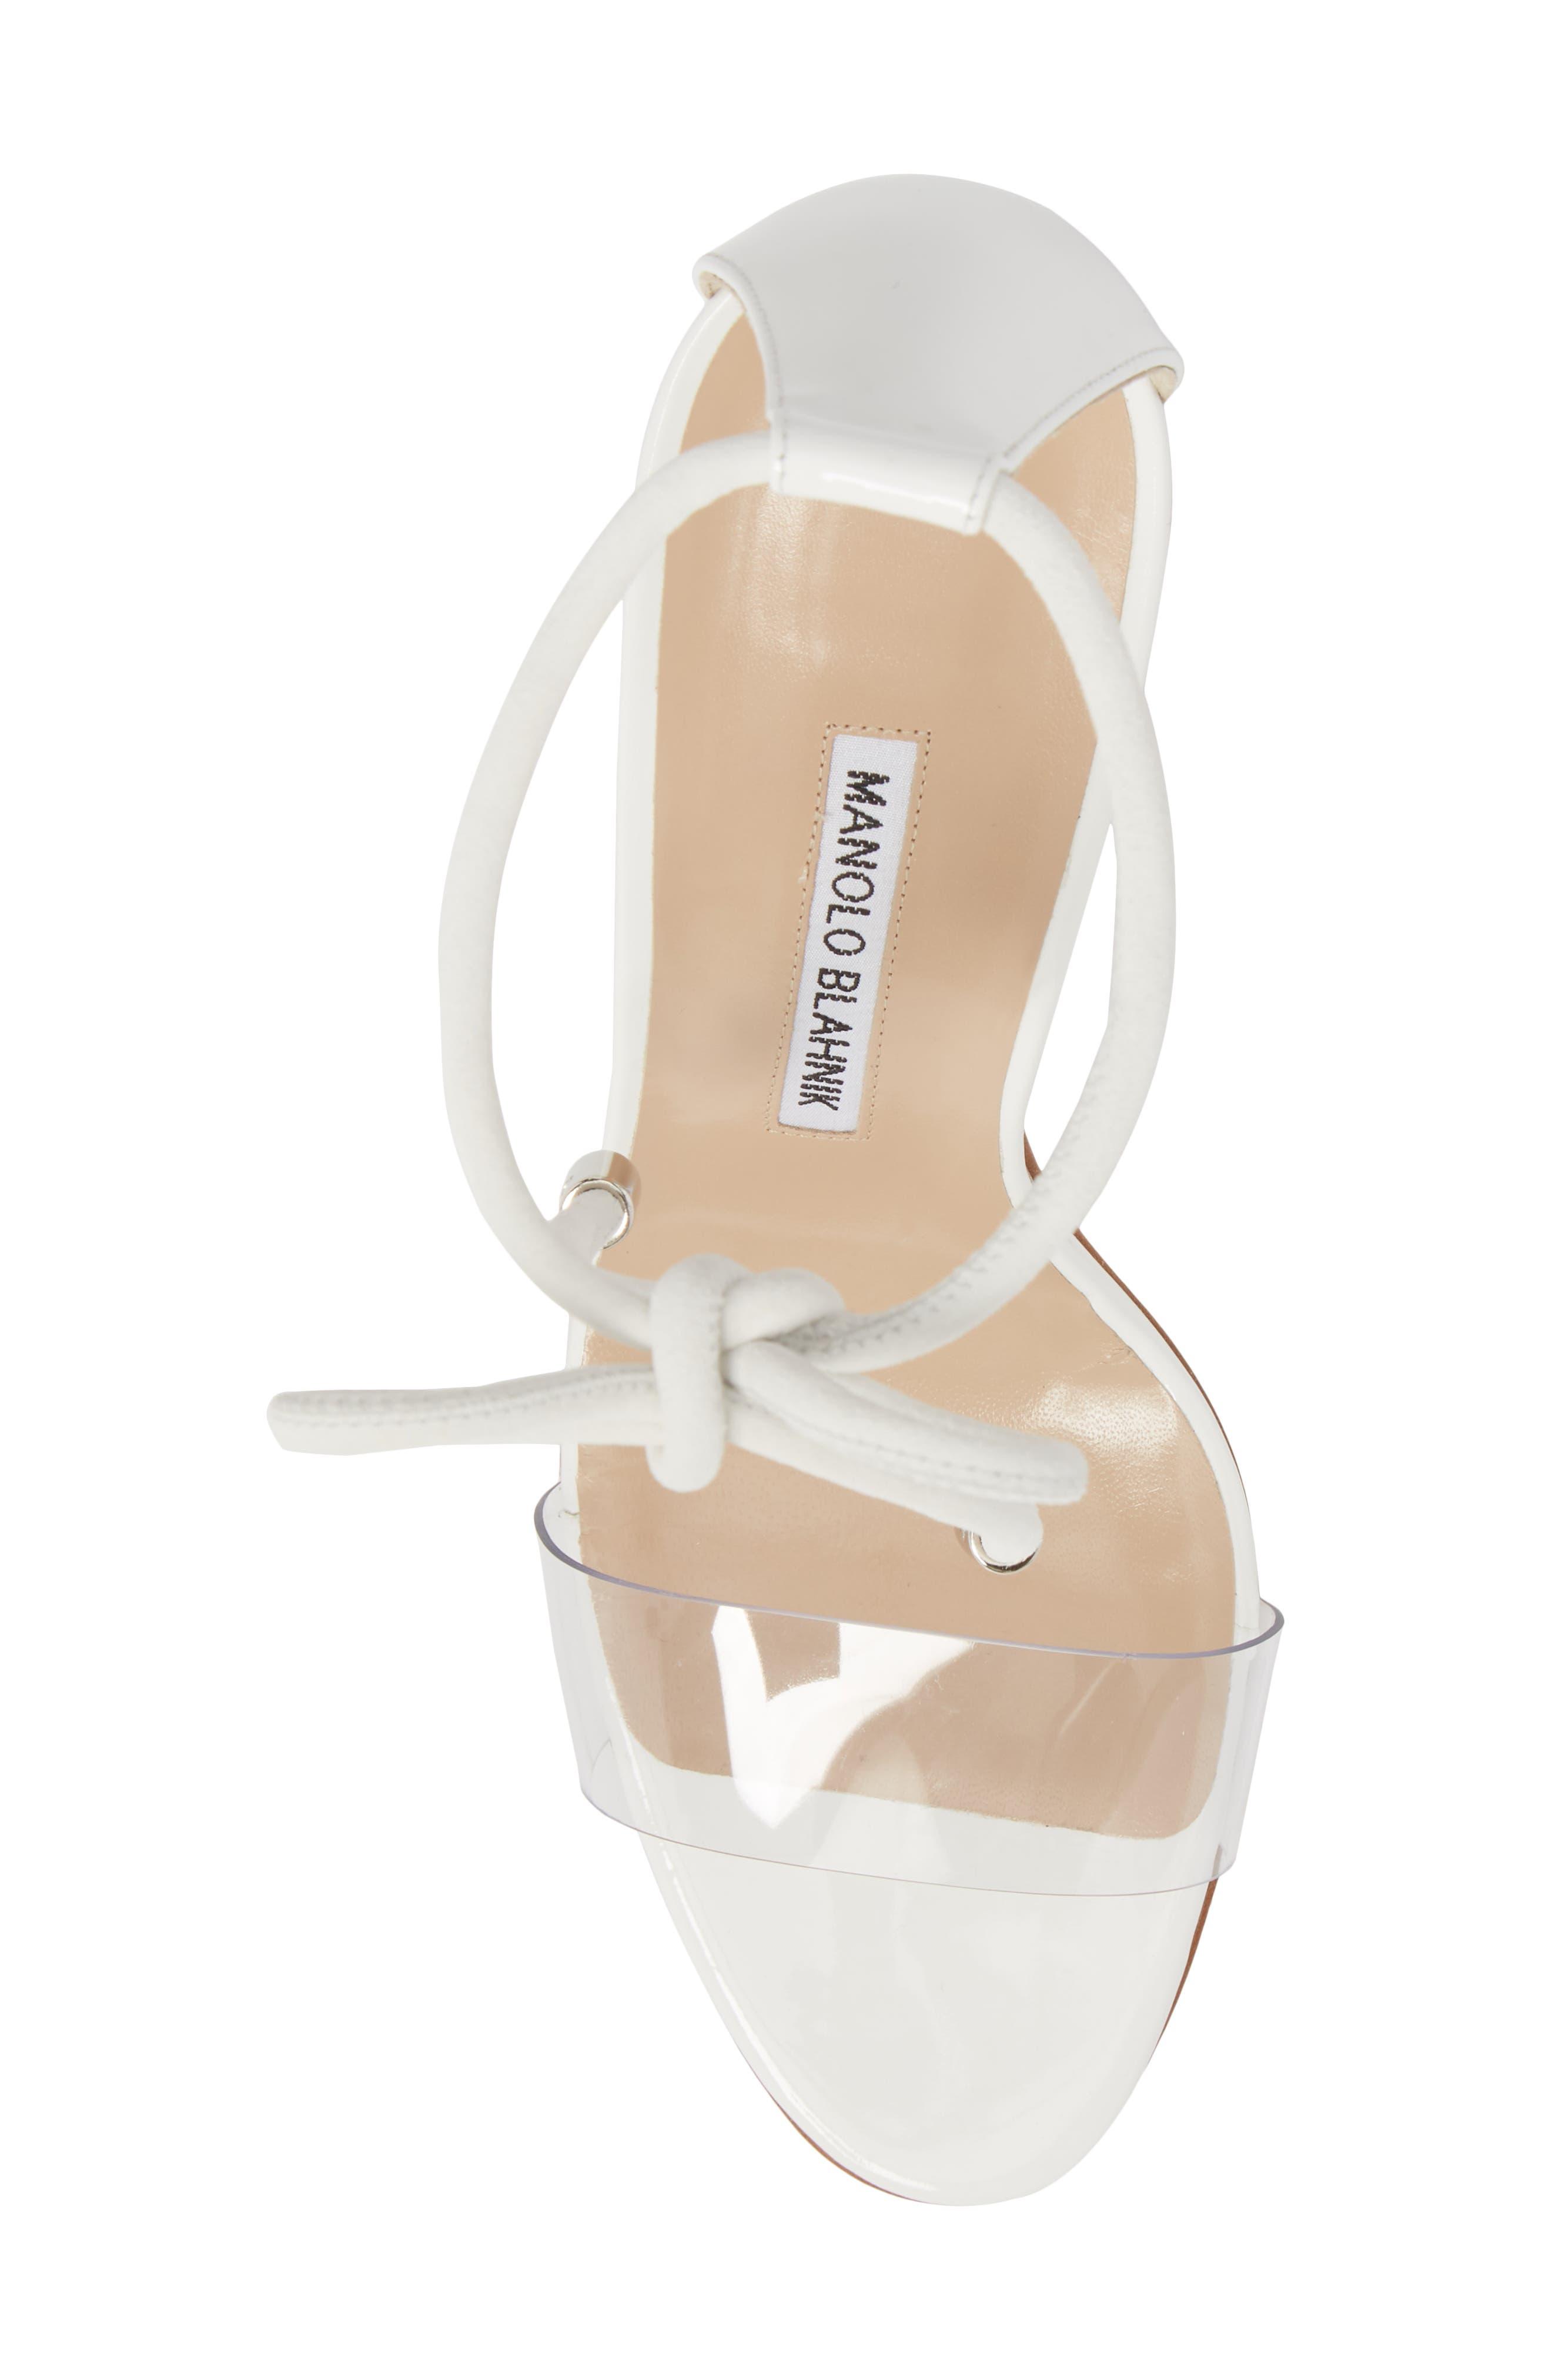 Estro Ankle Tie Sandal,                             Alternate thumbnail 5, color,                             White Patent